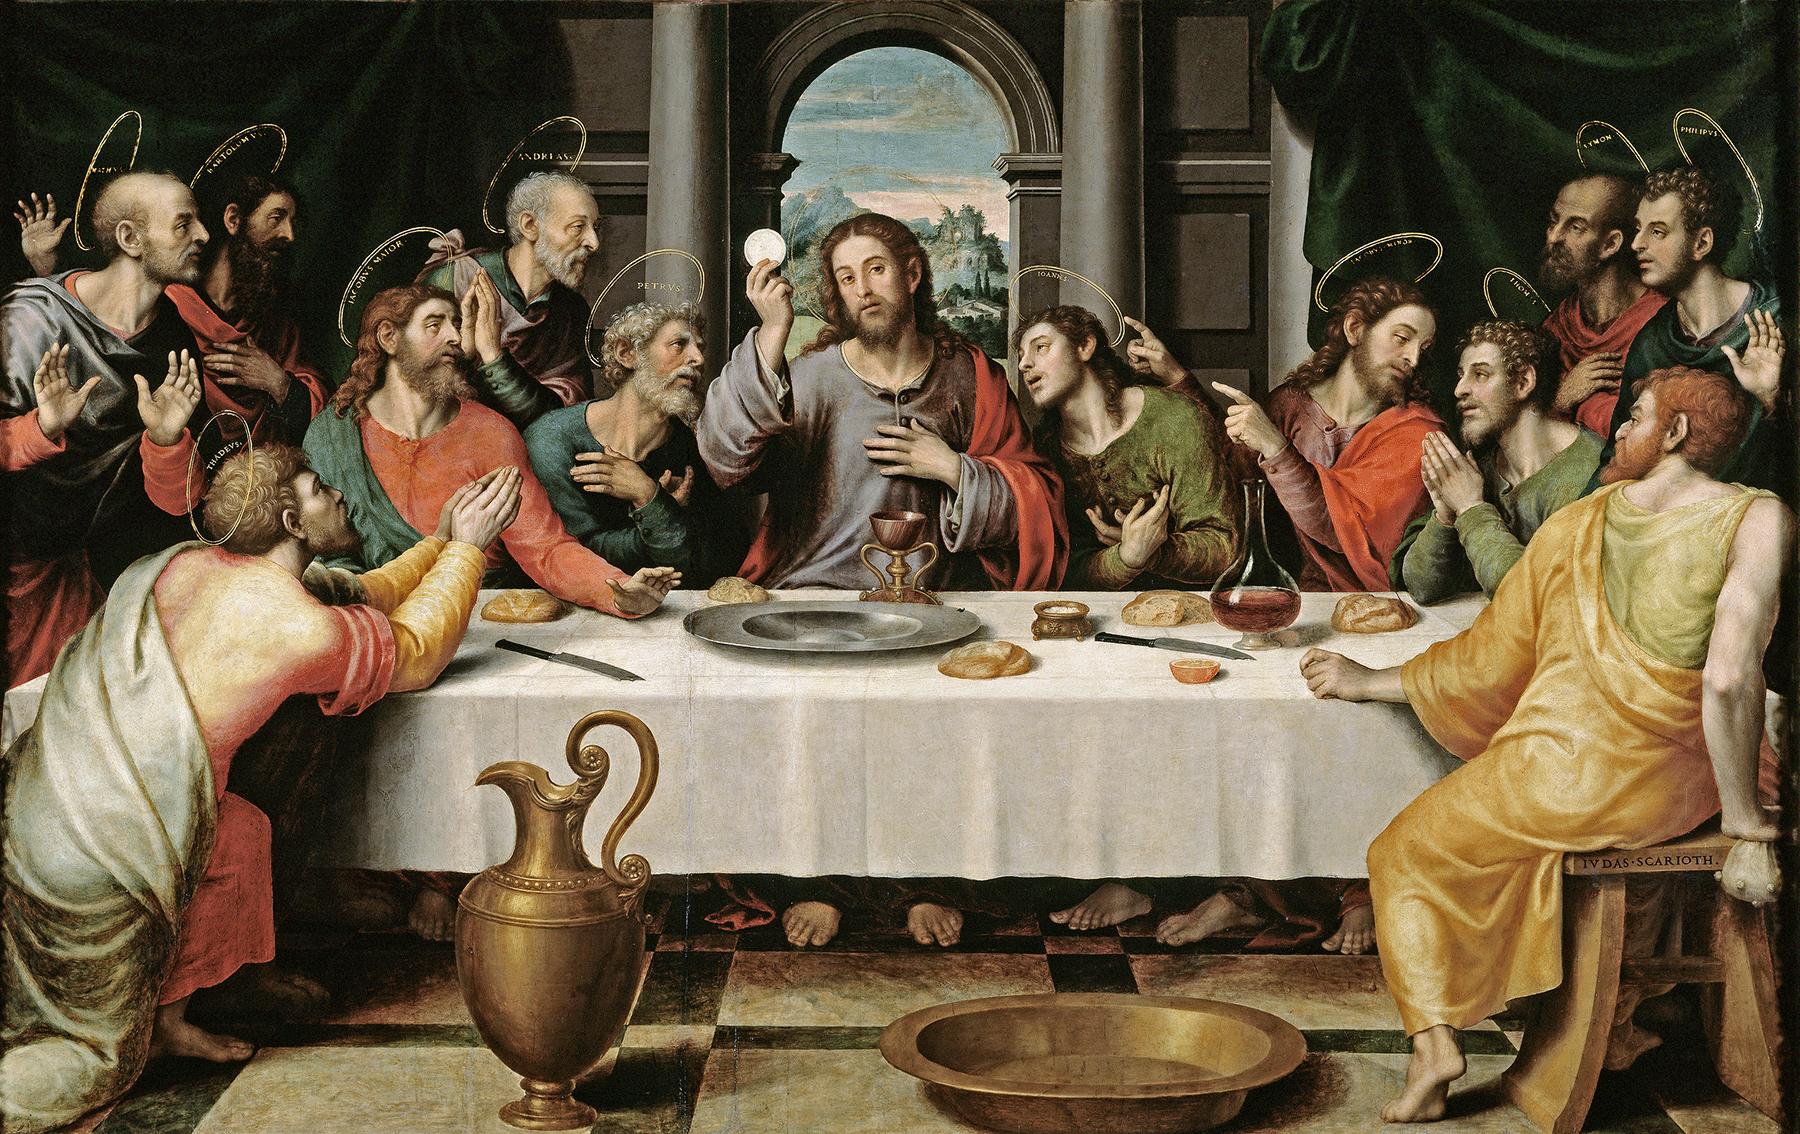 """16 ویں صدی کے ہسپانوی مصور ونسینٹ ہوان ماسِپ کی لیونارڈو ڈا ونچی کی پینٹنگ """"آخری عشائیہ"""" سے متاثر ہو کر بنائی گئی پینٹنگ۔"""